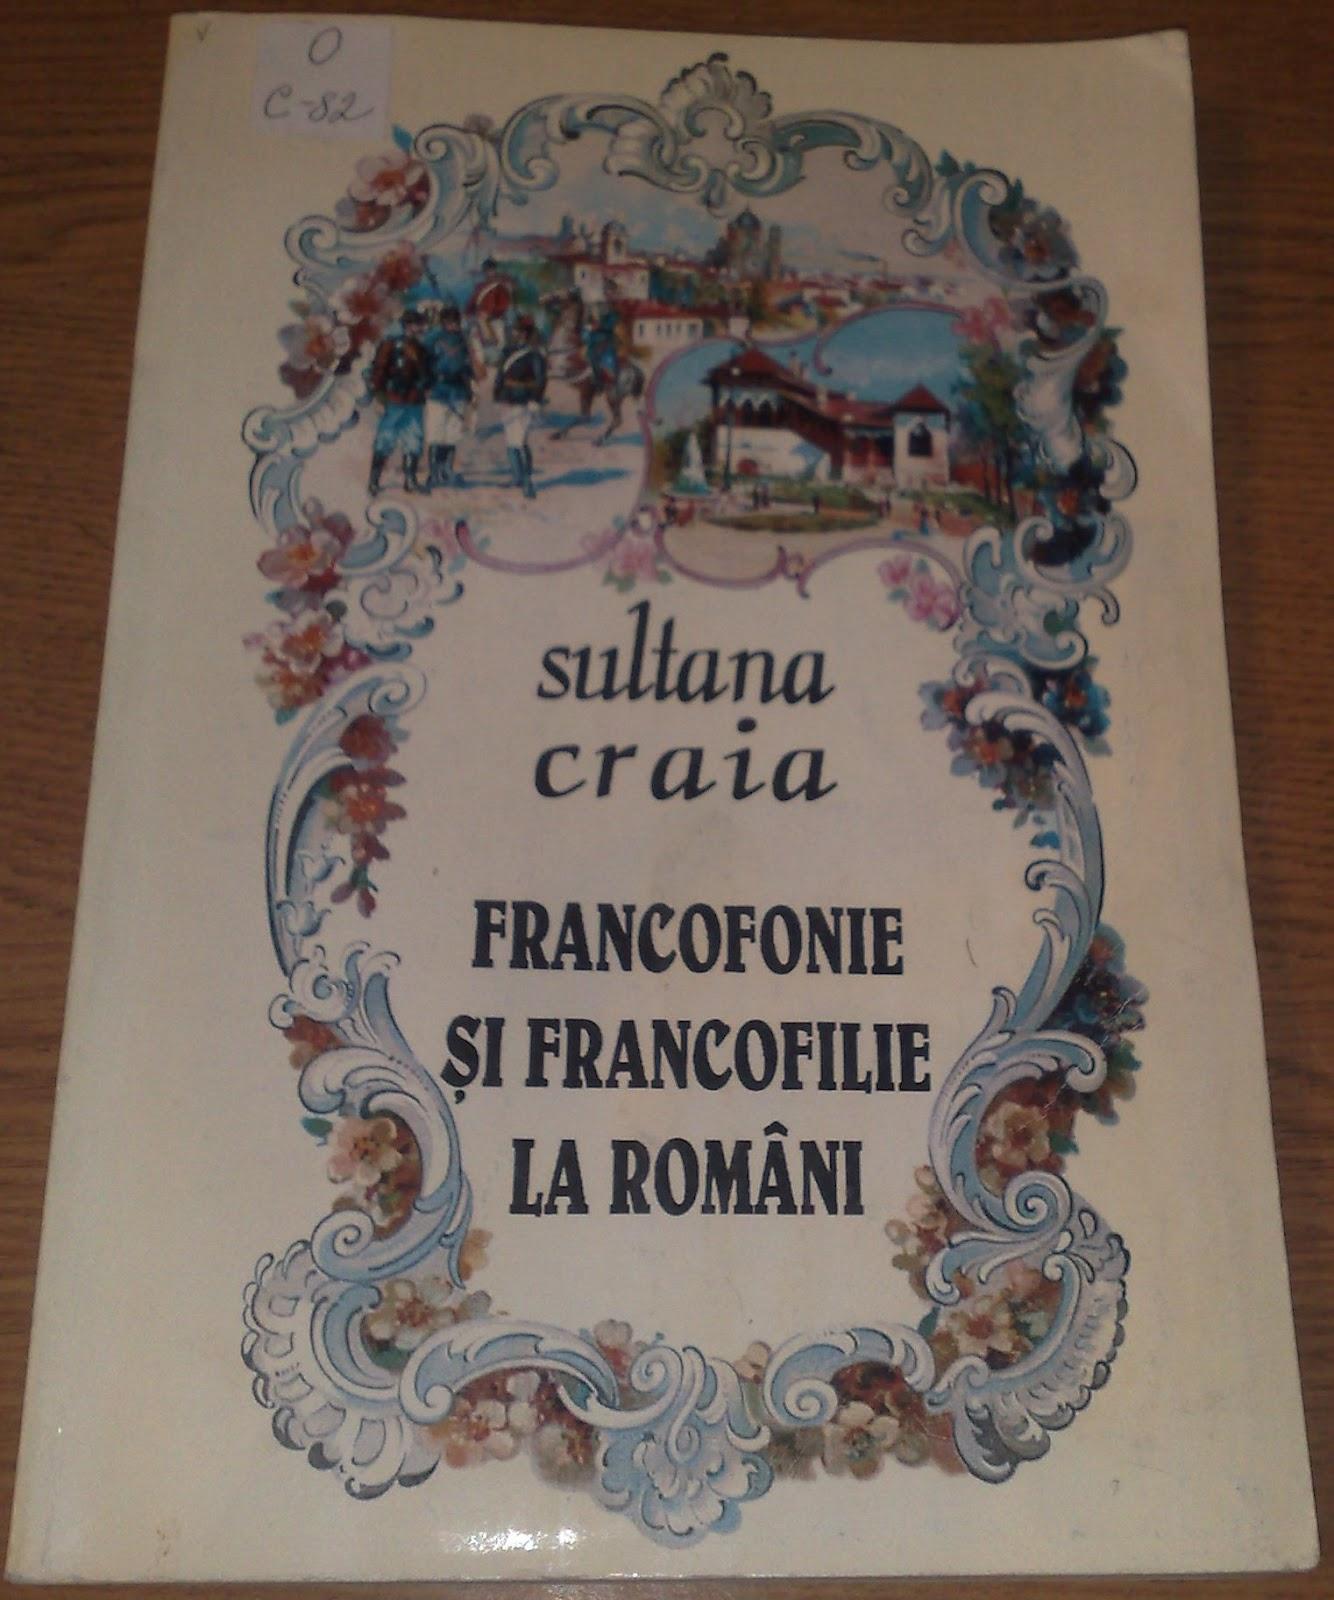 """citate despre francofonie Biblioteca """"Onisifor Ghibu"""" Filiala Bibliotecii Municipale """"B. P.  citate despre francofonie"""